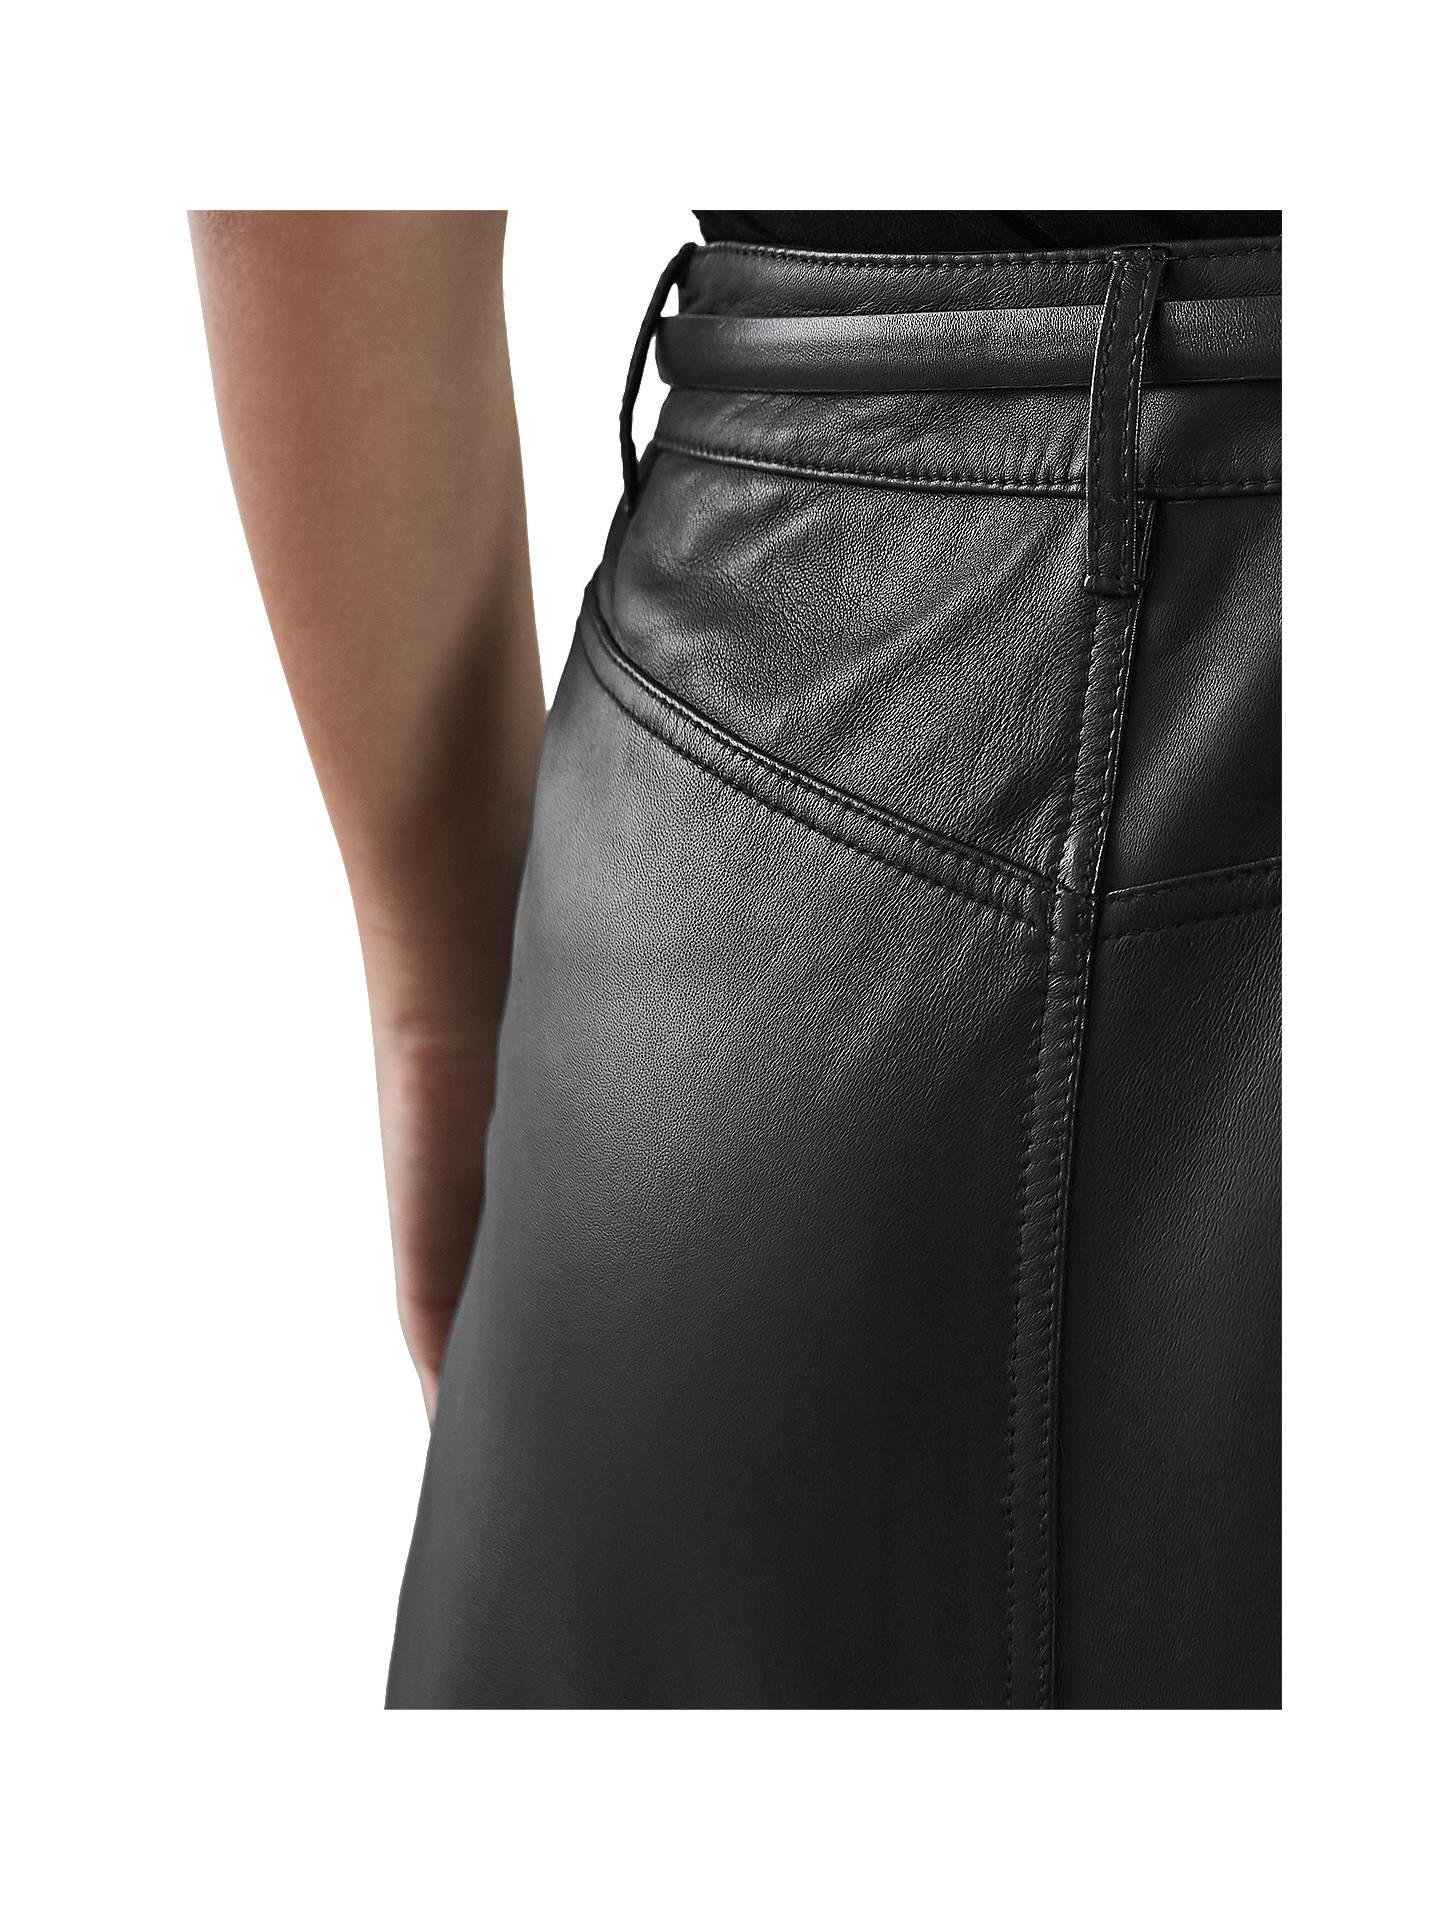 ac3b1ec895e5 Reiss Mimi Leather Mini Skirt at John Lewis   Partners